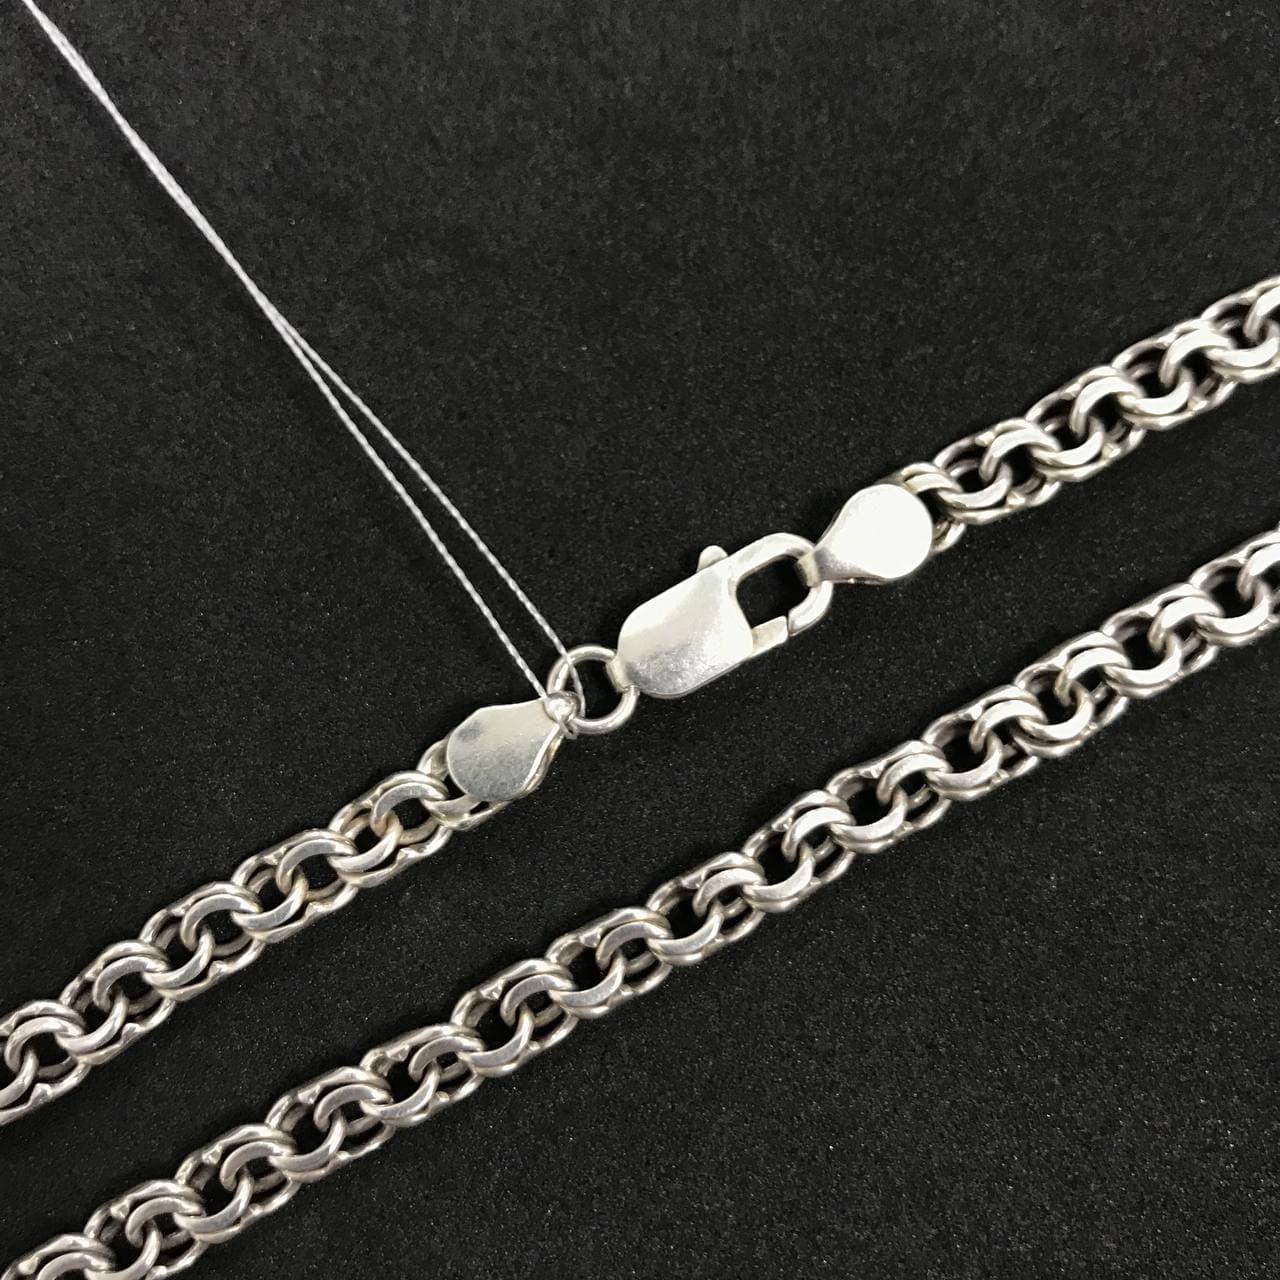 Серебряная цепочка Б/У 925 пробы, плетение Бисмарк, длина 48 см, вес 26.09 г. Серебро из ломбарда